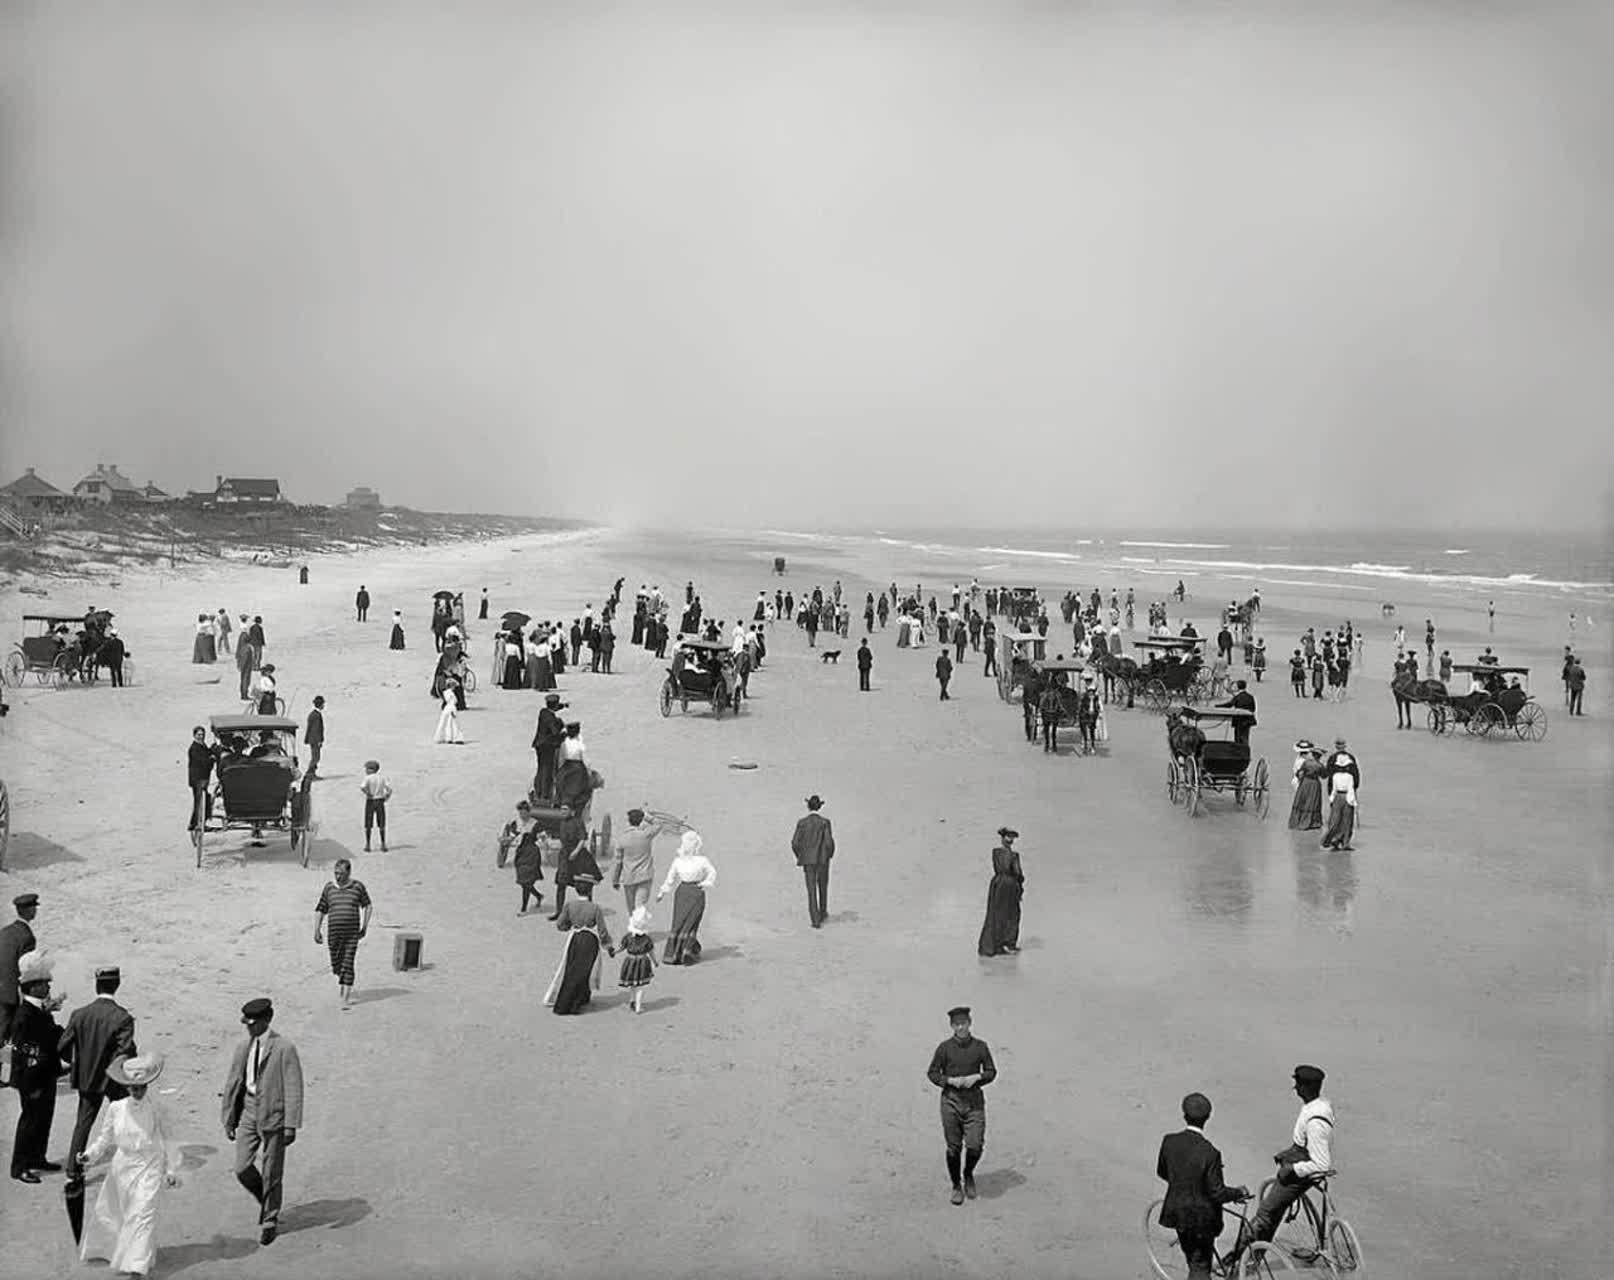 تصویری جالب از لحاظ نوع پوشش مردم مربوط به ساحل دایتونا در فلوریدای آمریکا ؛ سال ۱۹۰۴ زنان با حجاب کامل کنار دریا قبل از صنعت سینما در غرب